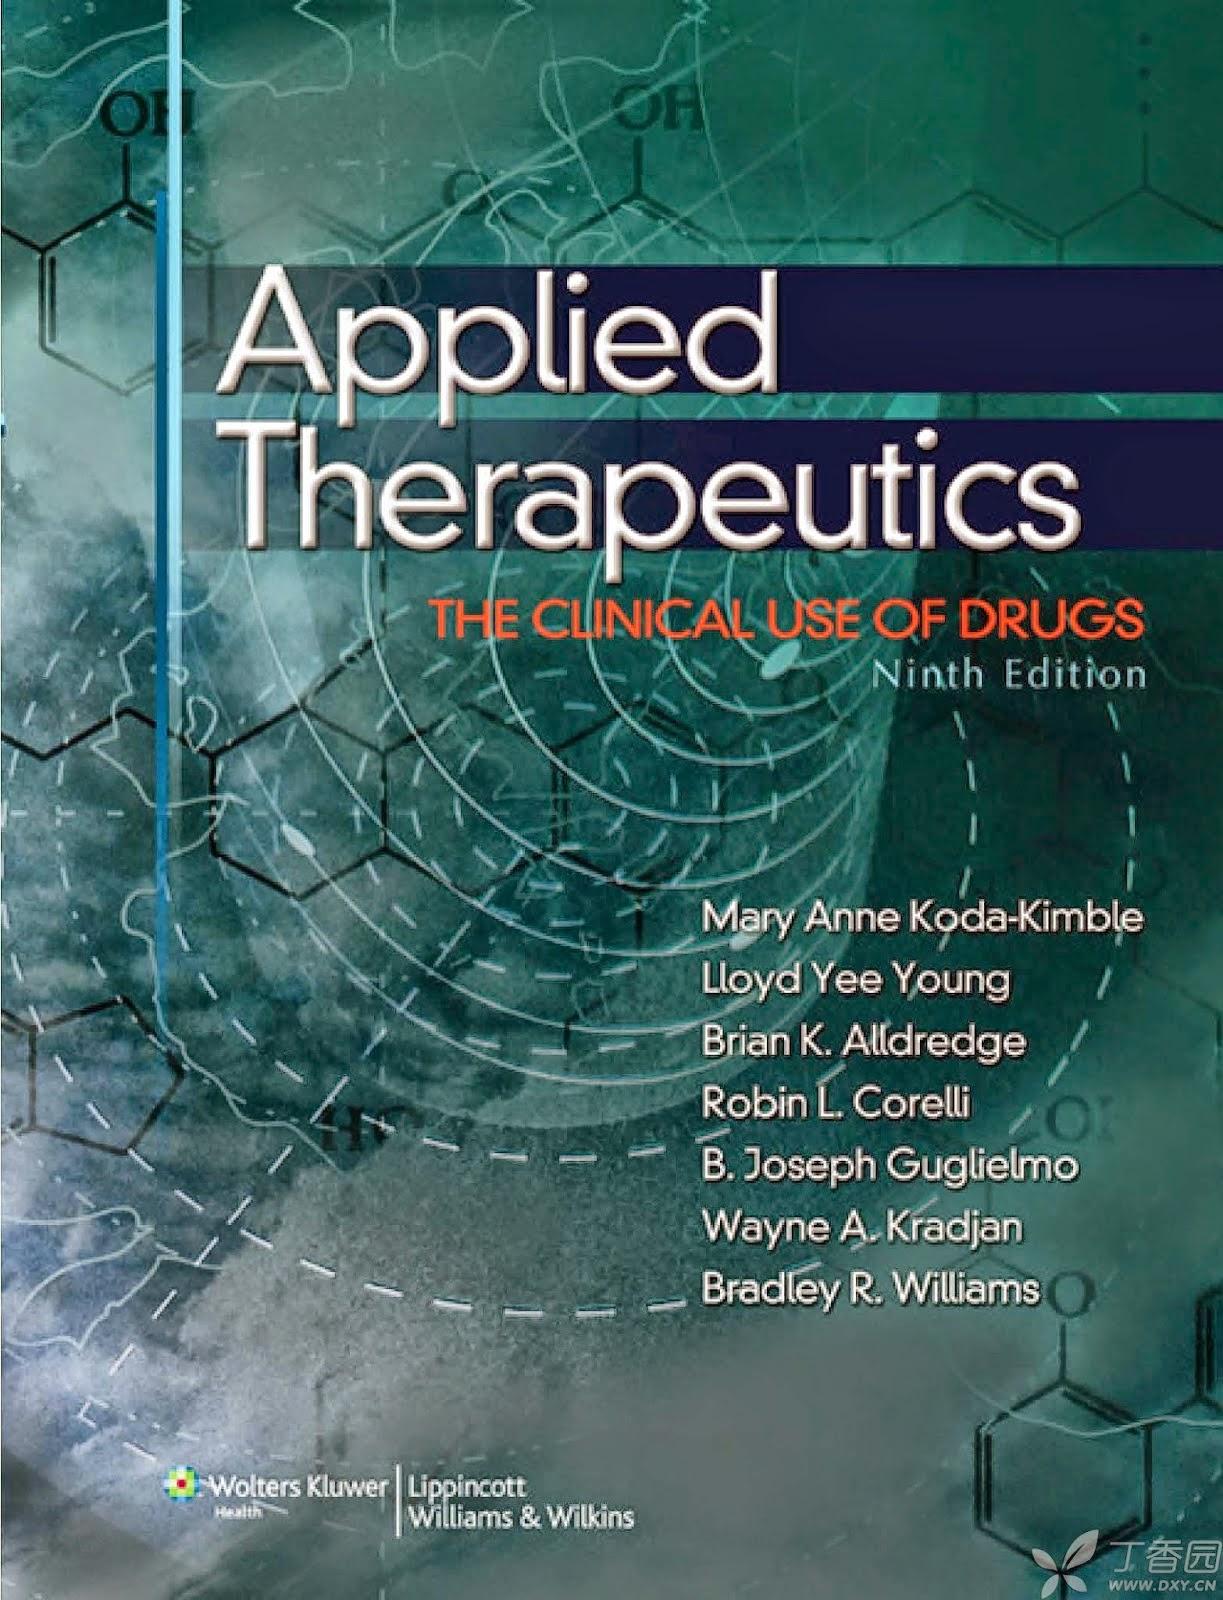 تحميل كتب في الصيدلة الاكلينيكية applied therapeutics.pdf